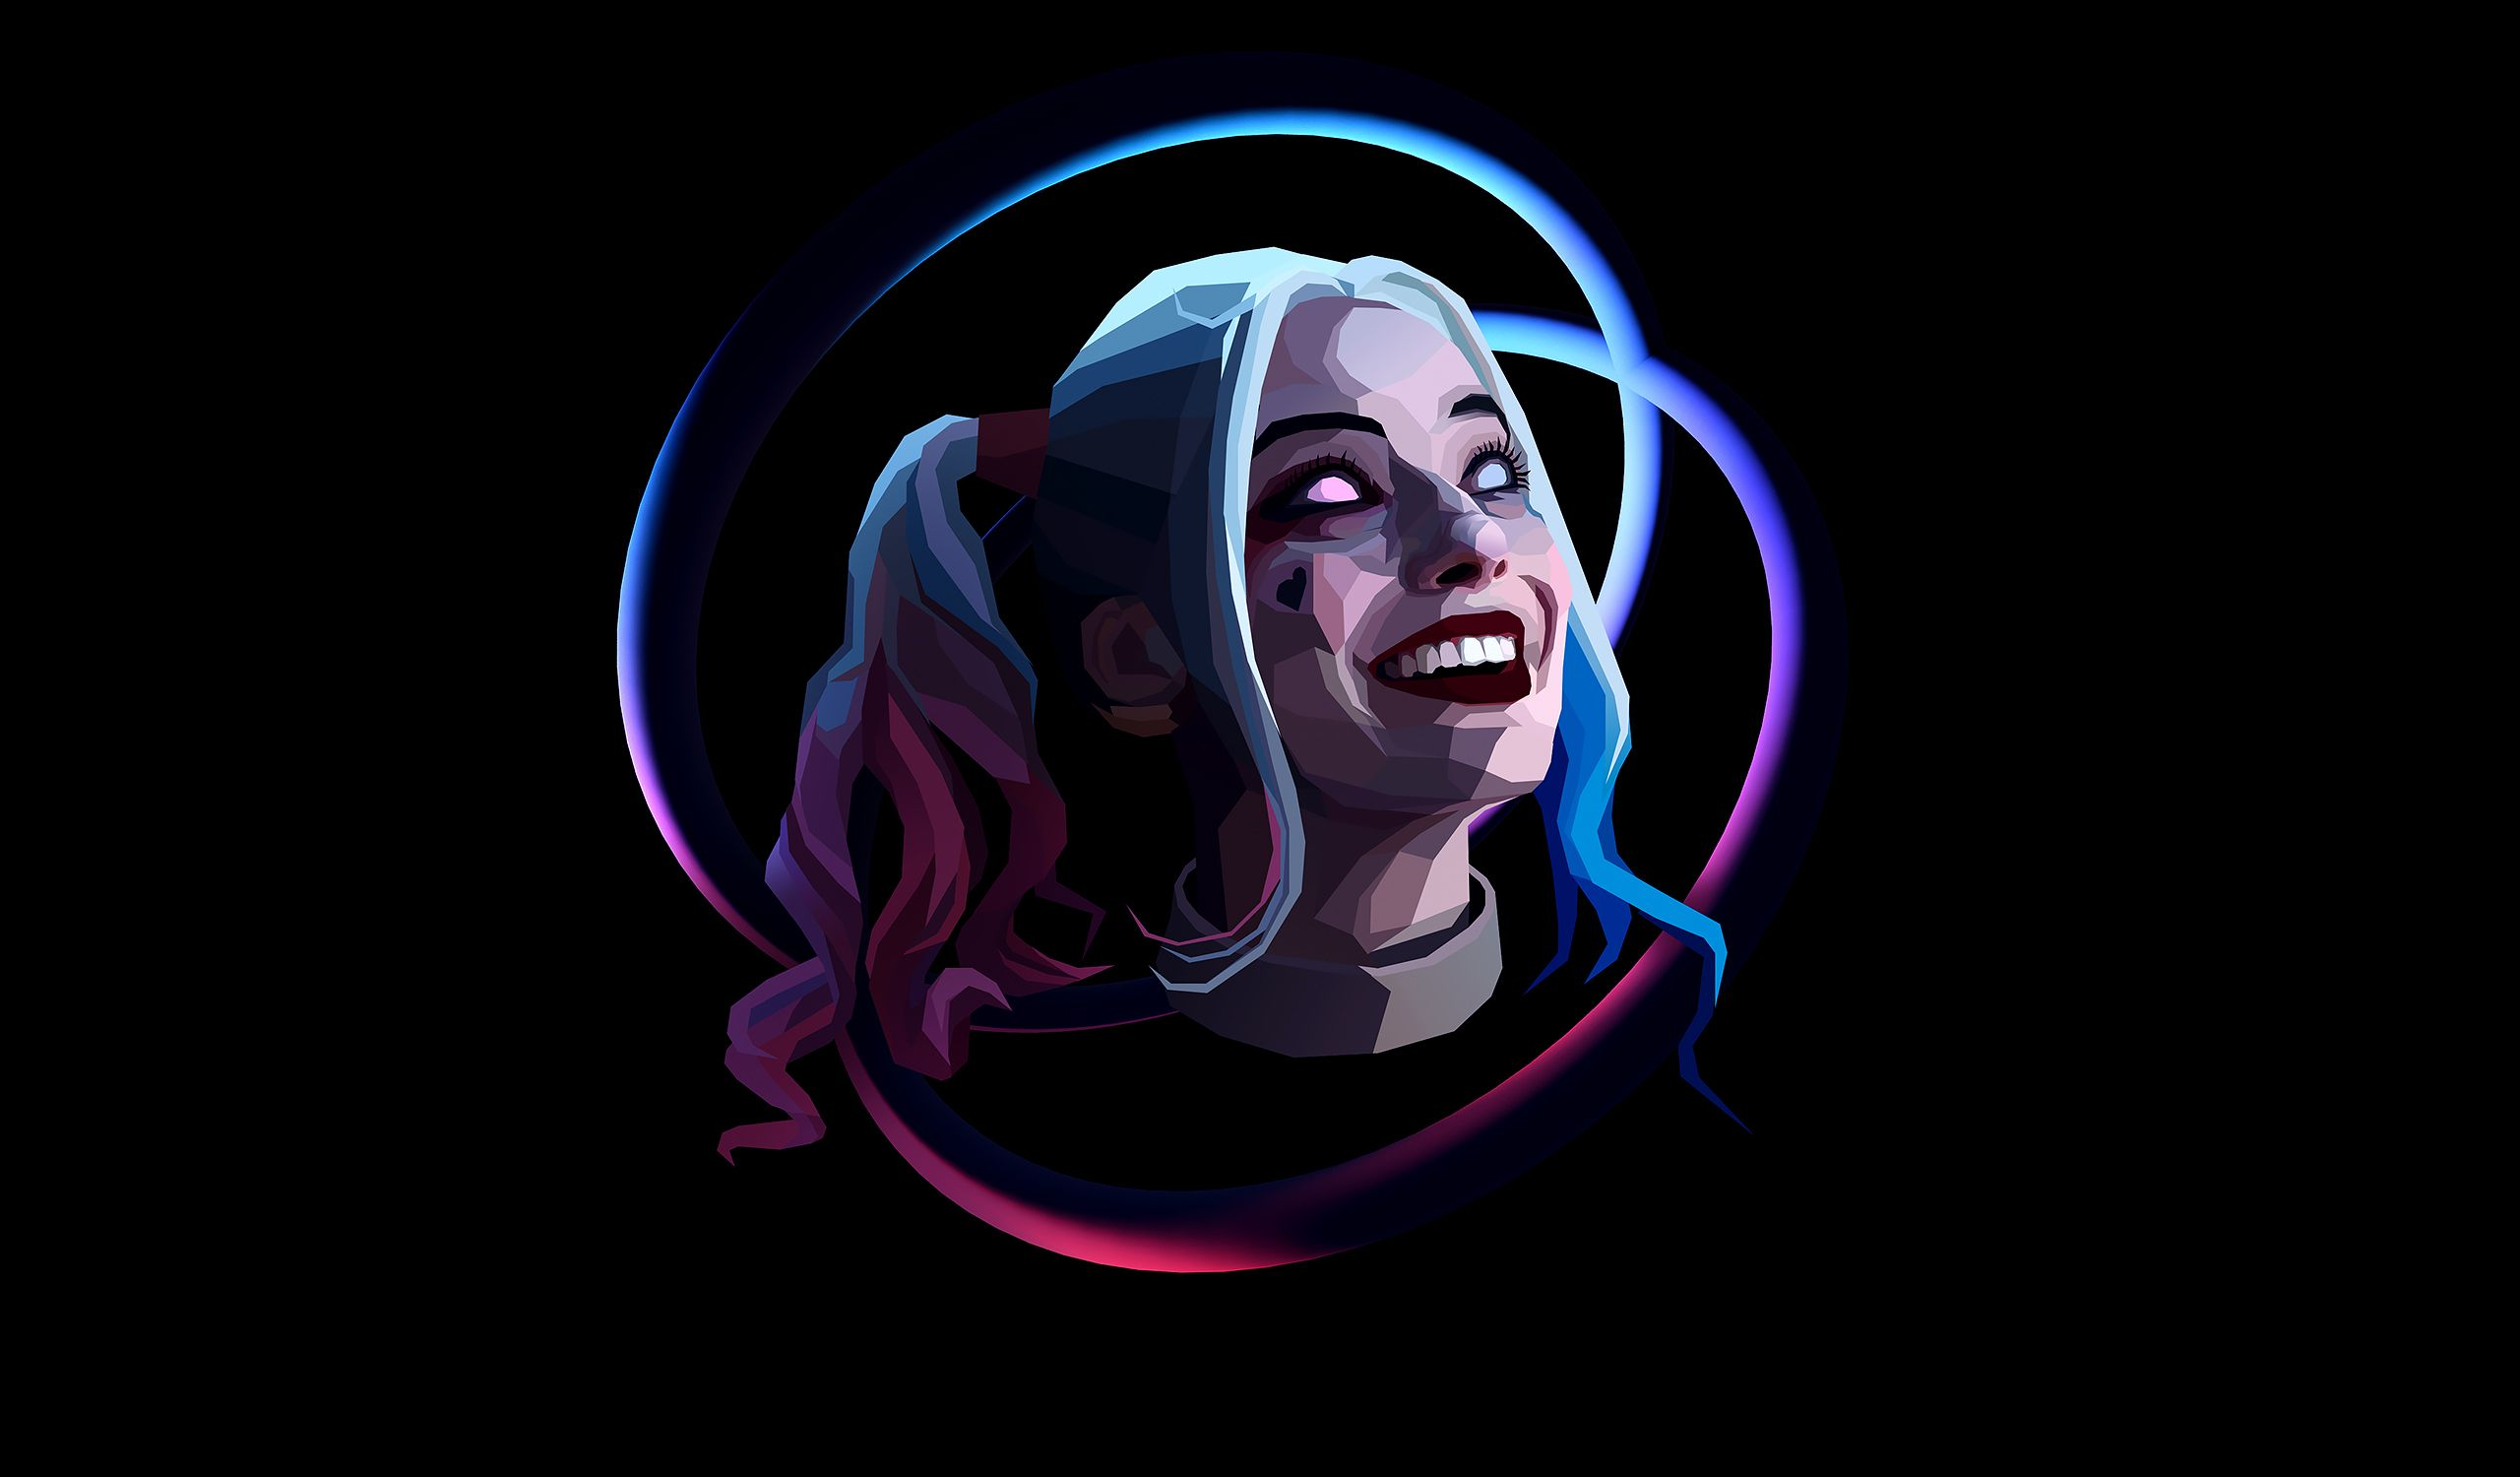 Harley Quinn Abstract Art Harley Quinn Abstract Art is an